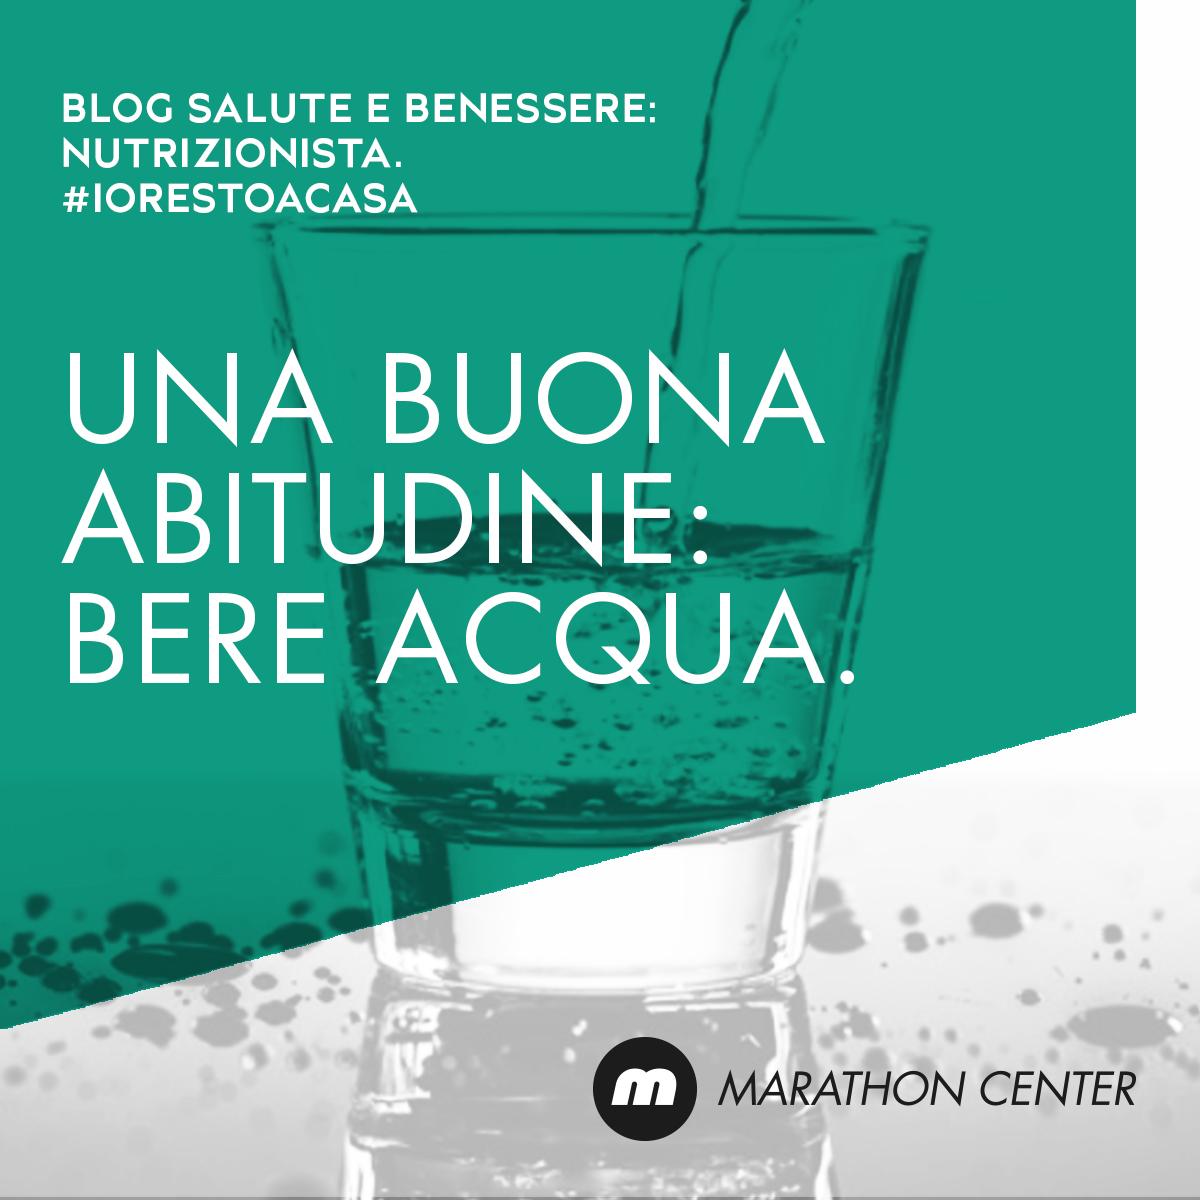 iorestoacasa-bere-acqua-nutrizionista-marathon-medical-center-brescia